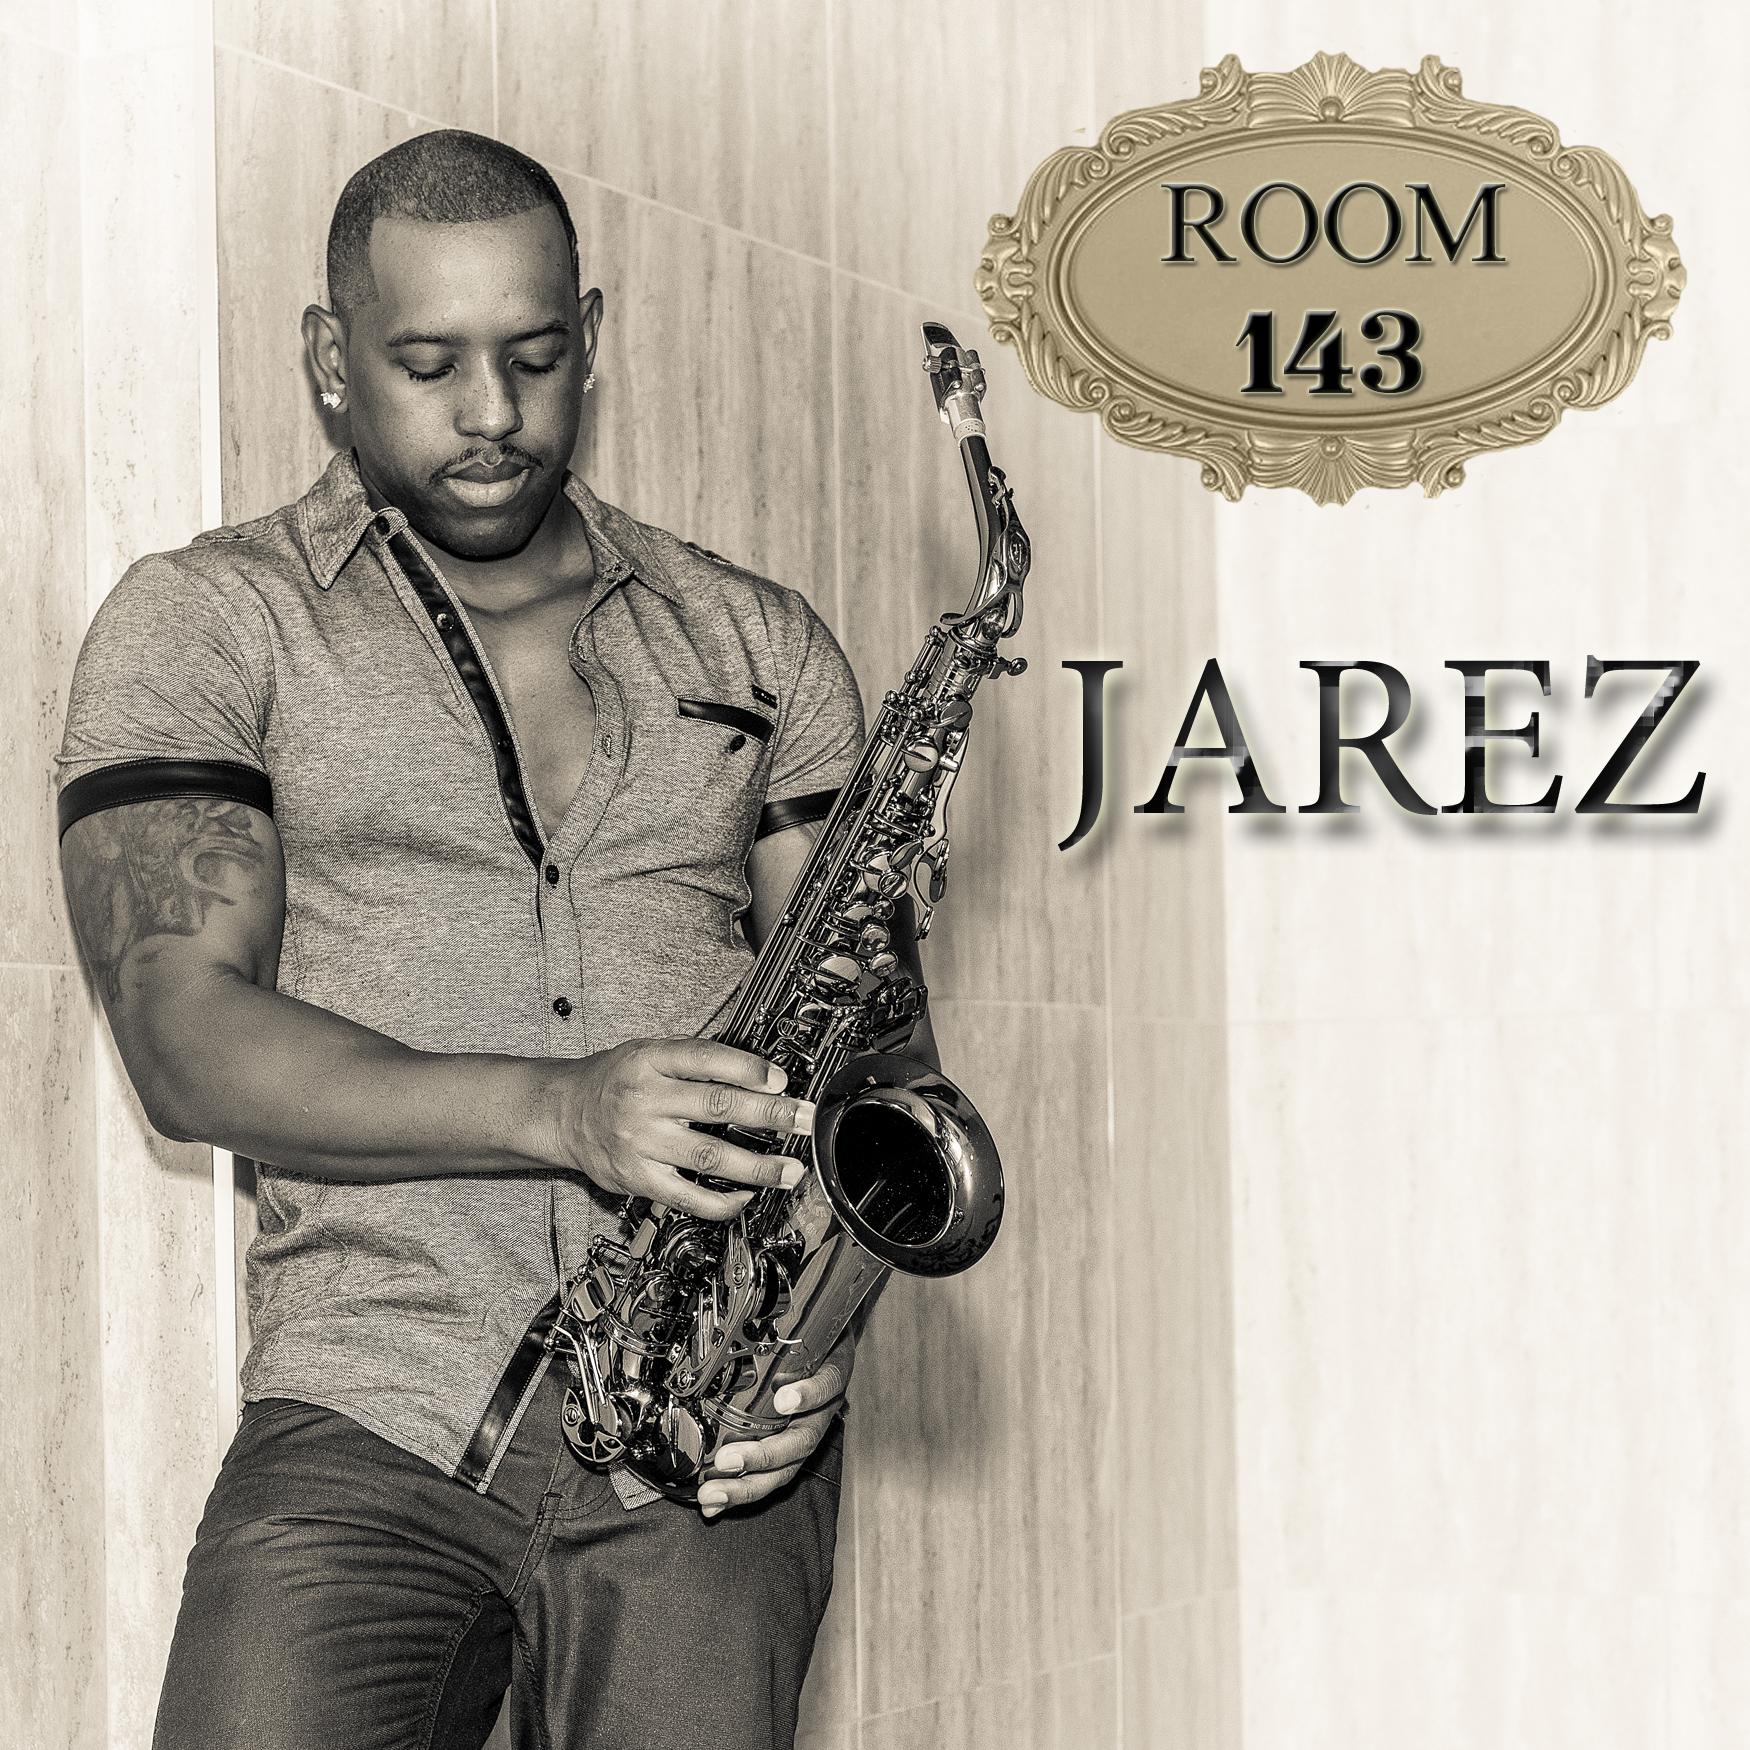 Jarez - Room 143